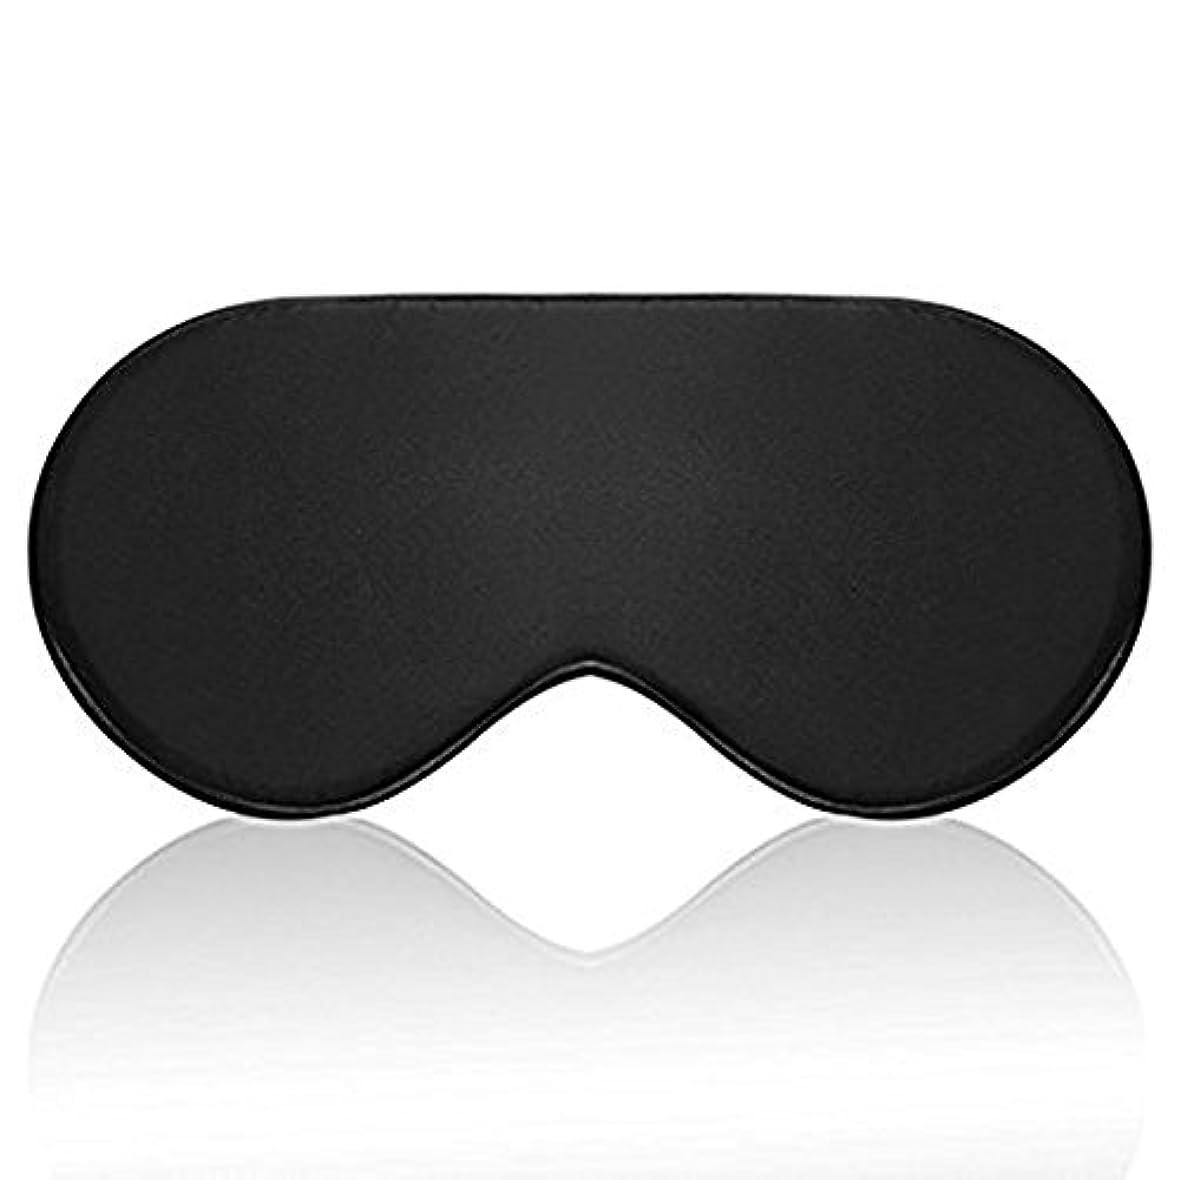 メタンフライカイト準備したPrettyFirst 男性女性と子供 旅行ナップ交代制勤務用 快適な瞳カバー用 睡眠 - ソフト睡眠マスク調整目隠しアイシェード用 シルクスリープマスクアイマスク 1